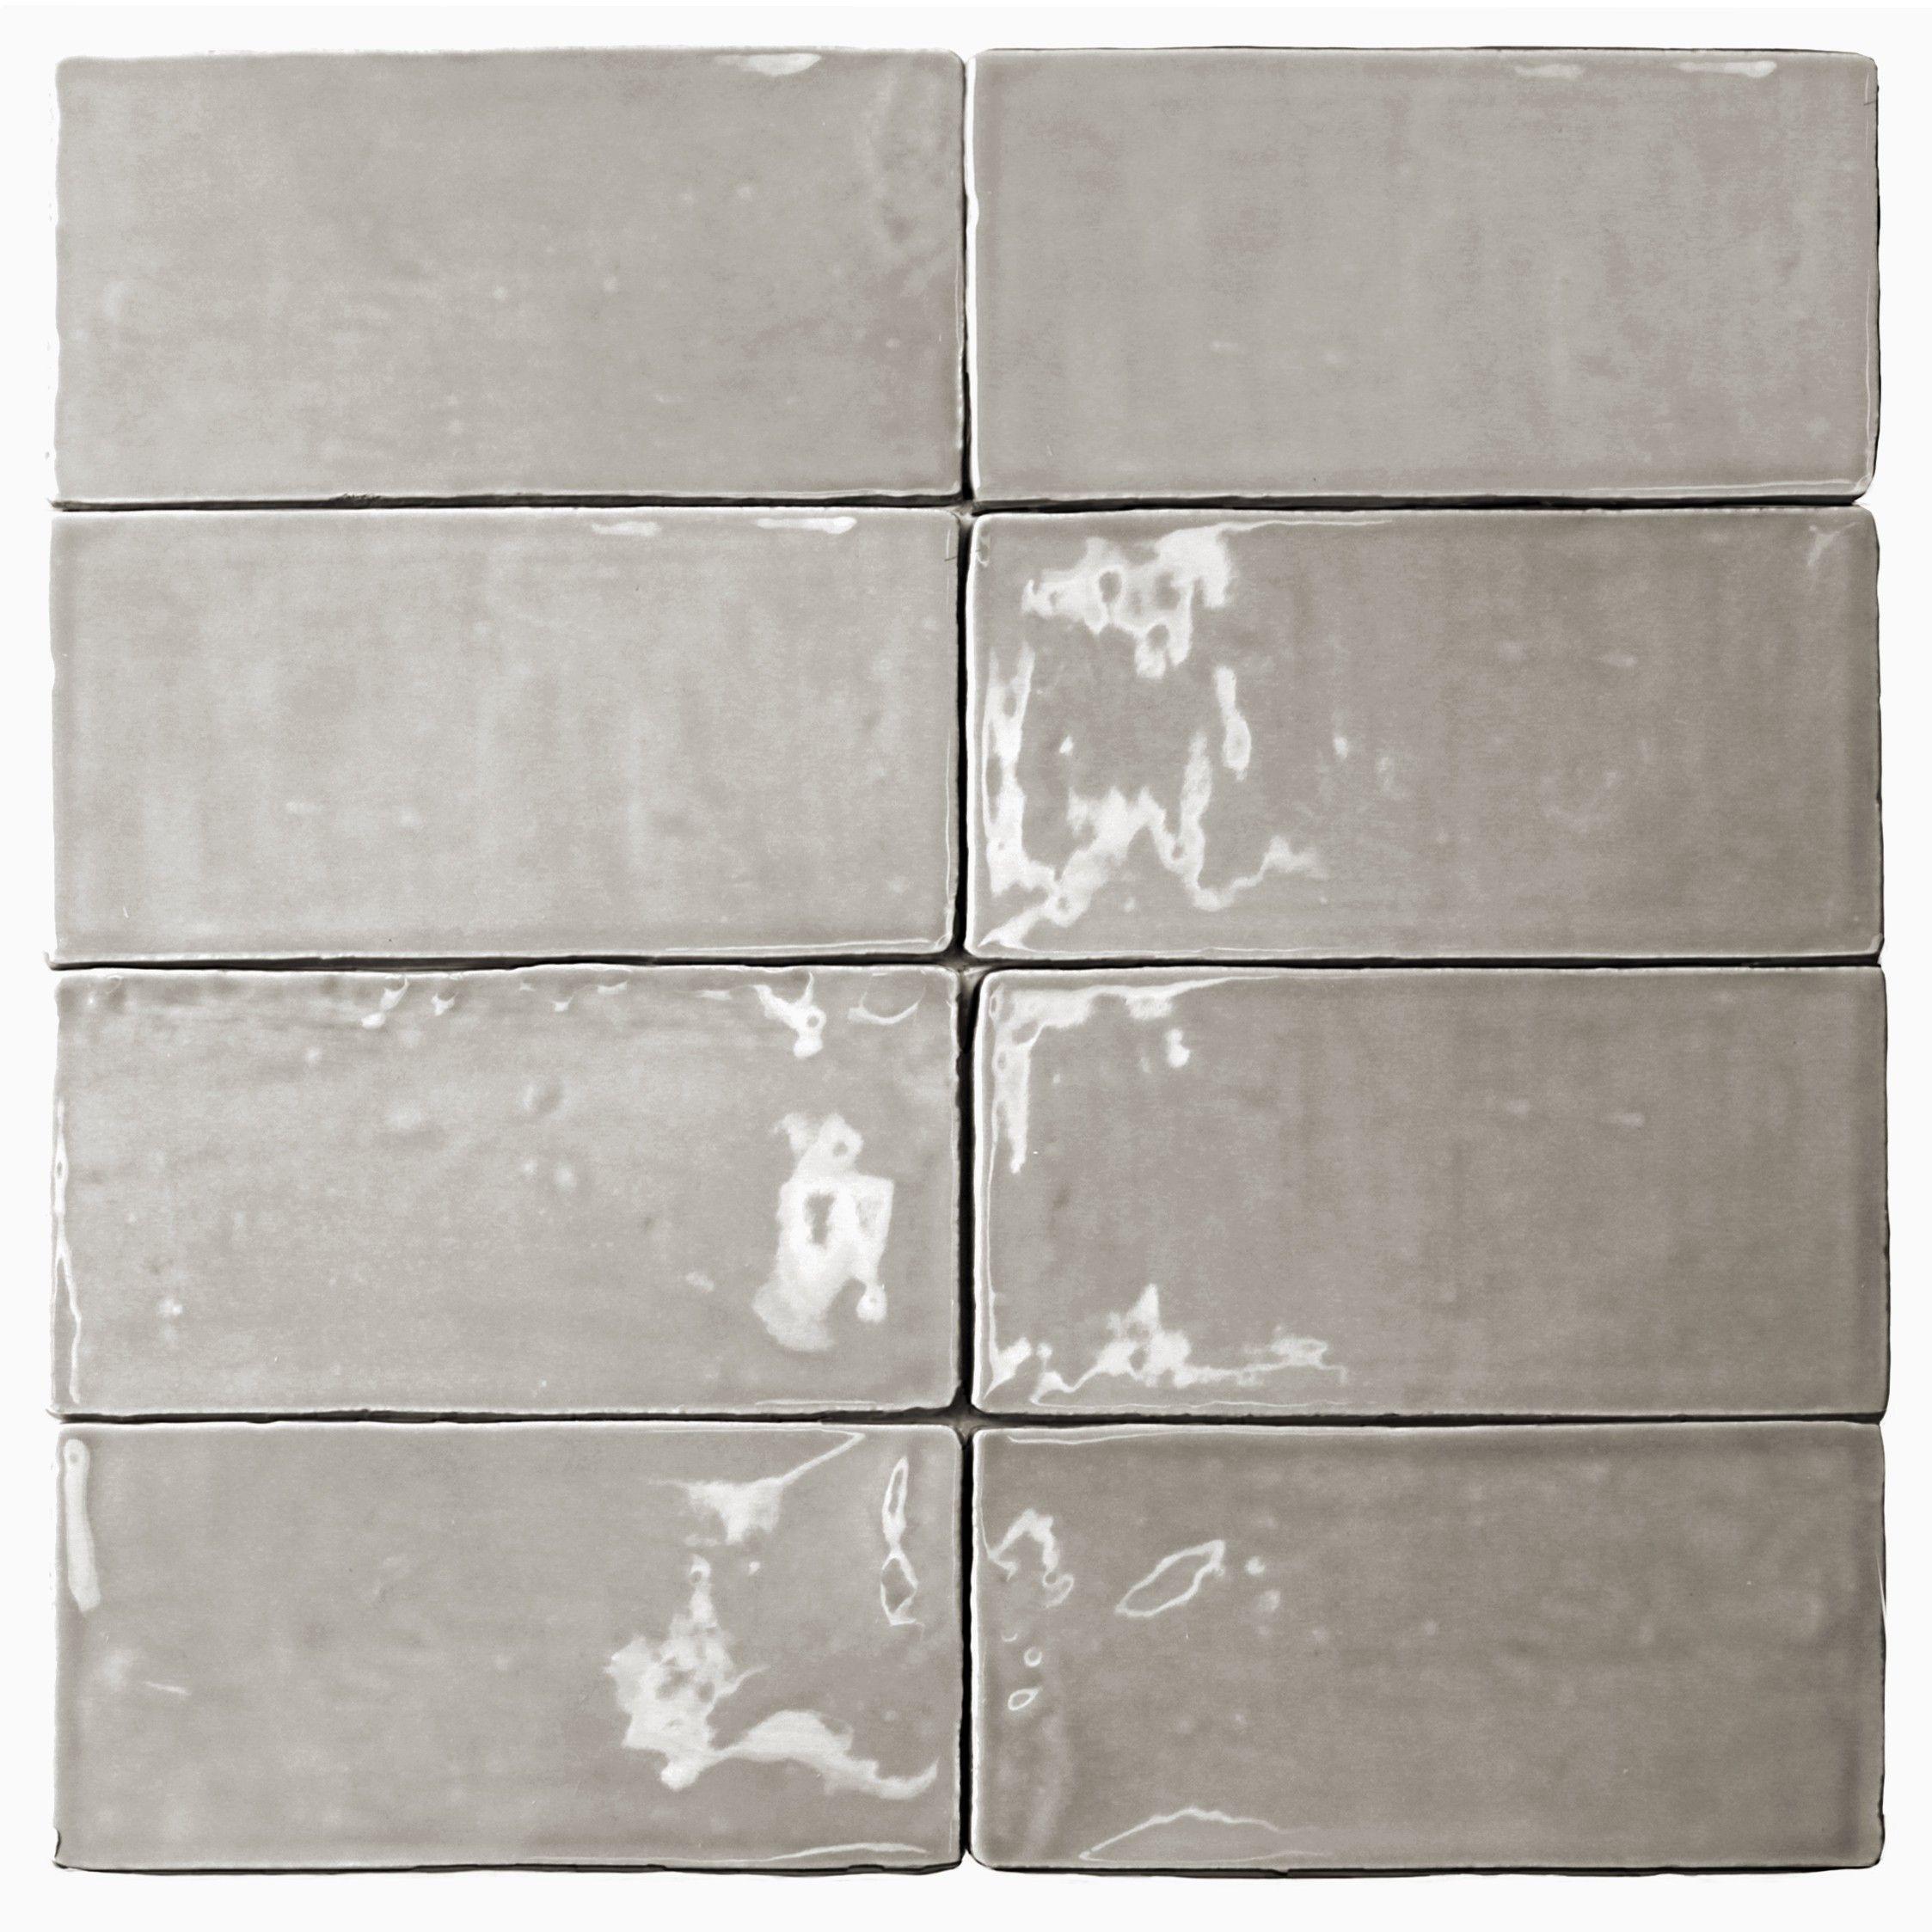 lancaster 3x6 dove polished ceramic tile 620 project pinterest splashback tile catalina kale 3 in x 8 mm ceramic floor and wall subway tile tiles per the home depot bath tiles kitchen backsplash